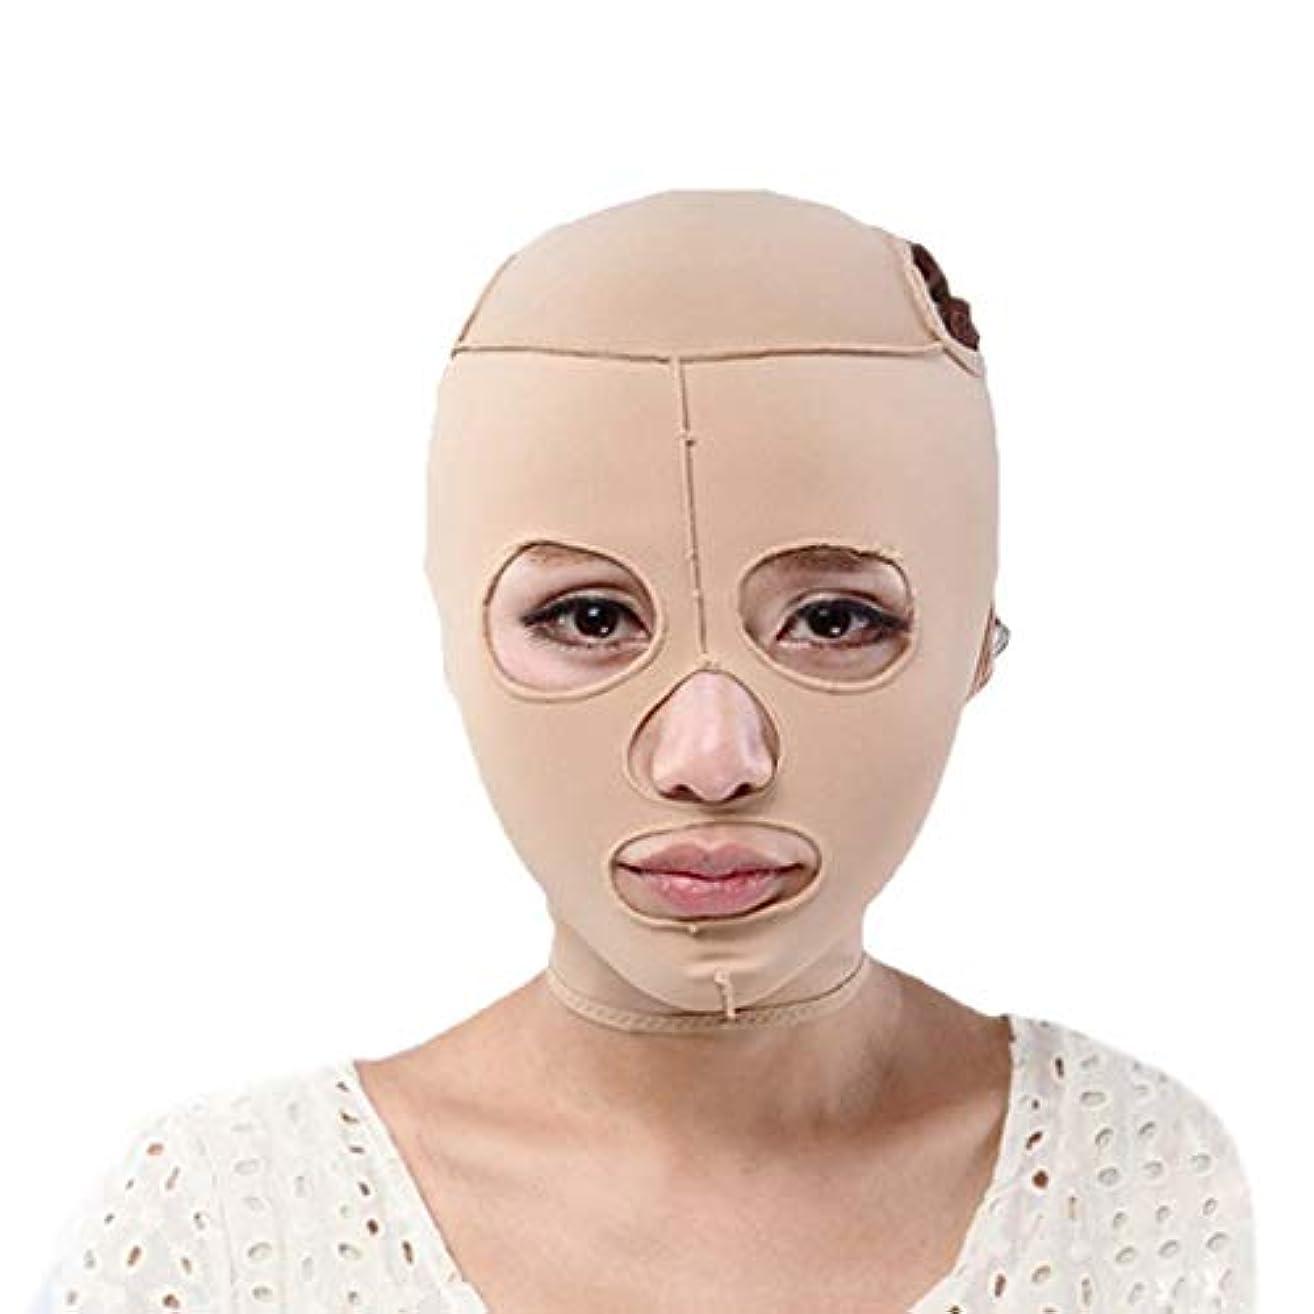 アンカー因子リベラルチンストラップ、顔の減量アンチシワマスク、快適な通気性マスク付きオールインクルーシブフェイス、薄型フェイスマスクリフティング包帯引き締め(サイズ:S),L